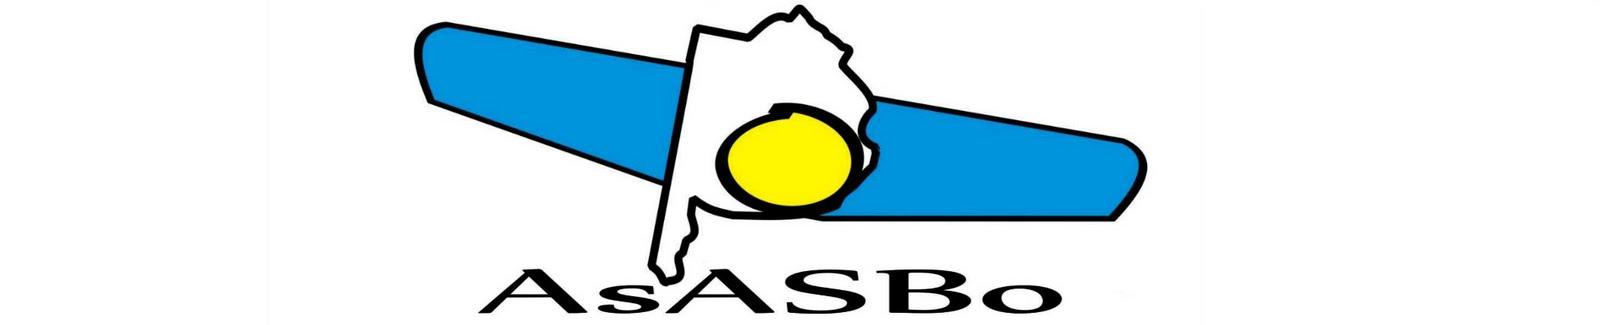 ASASBO